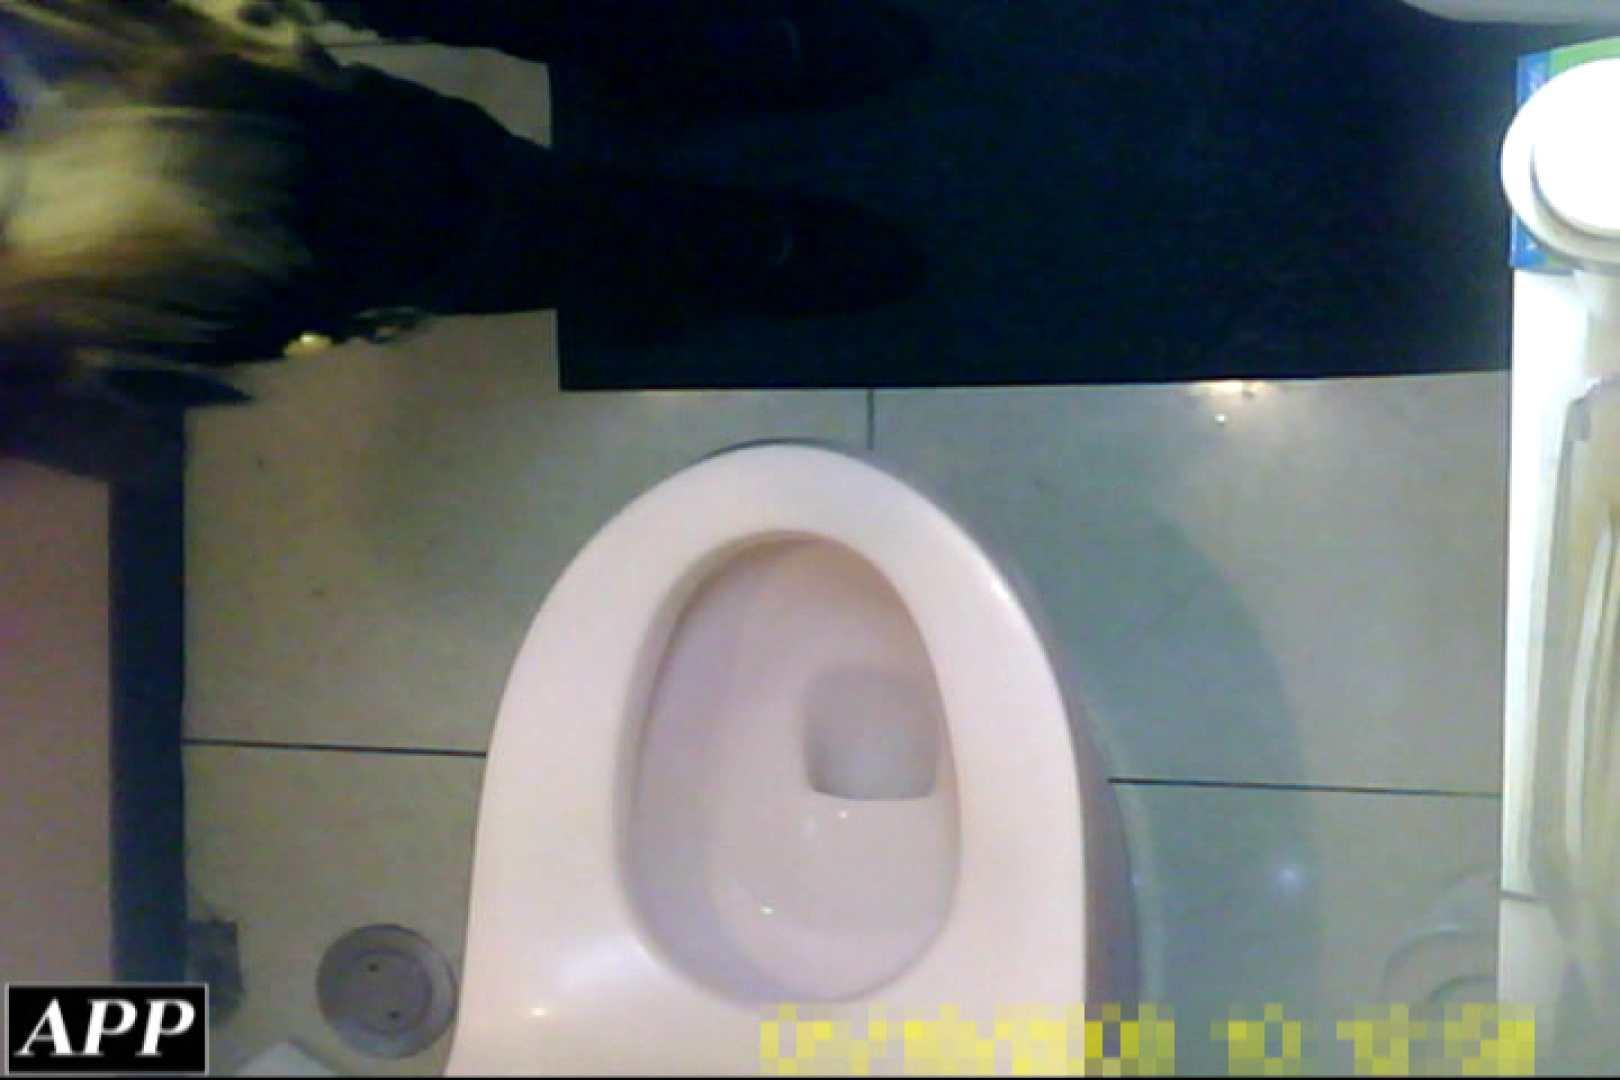 3視点洗面所 vol.29 オマンコ大好き 性交動画流出 113画像 68